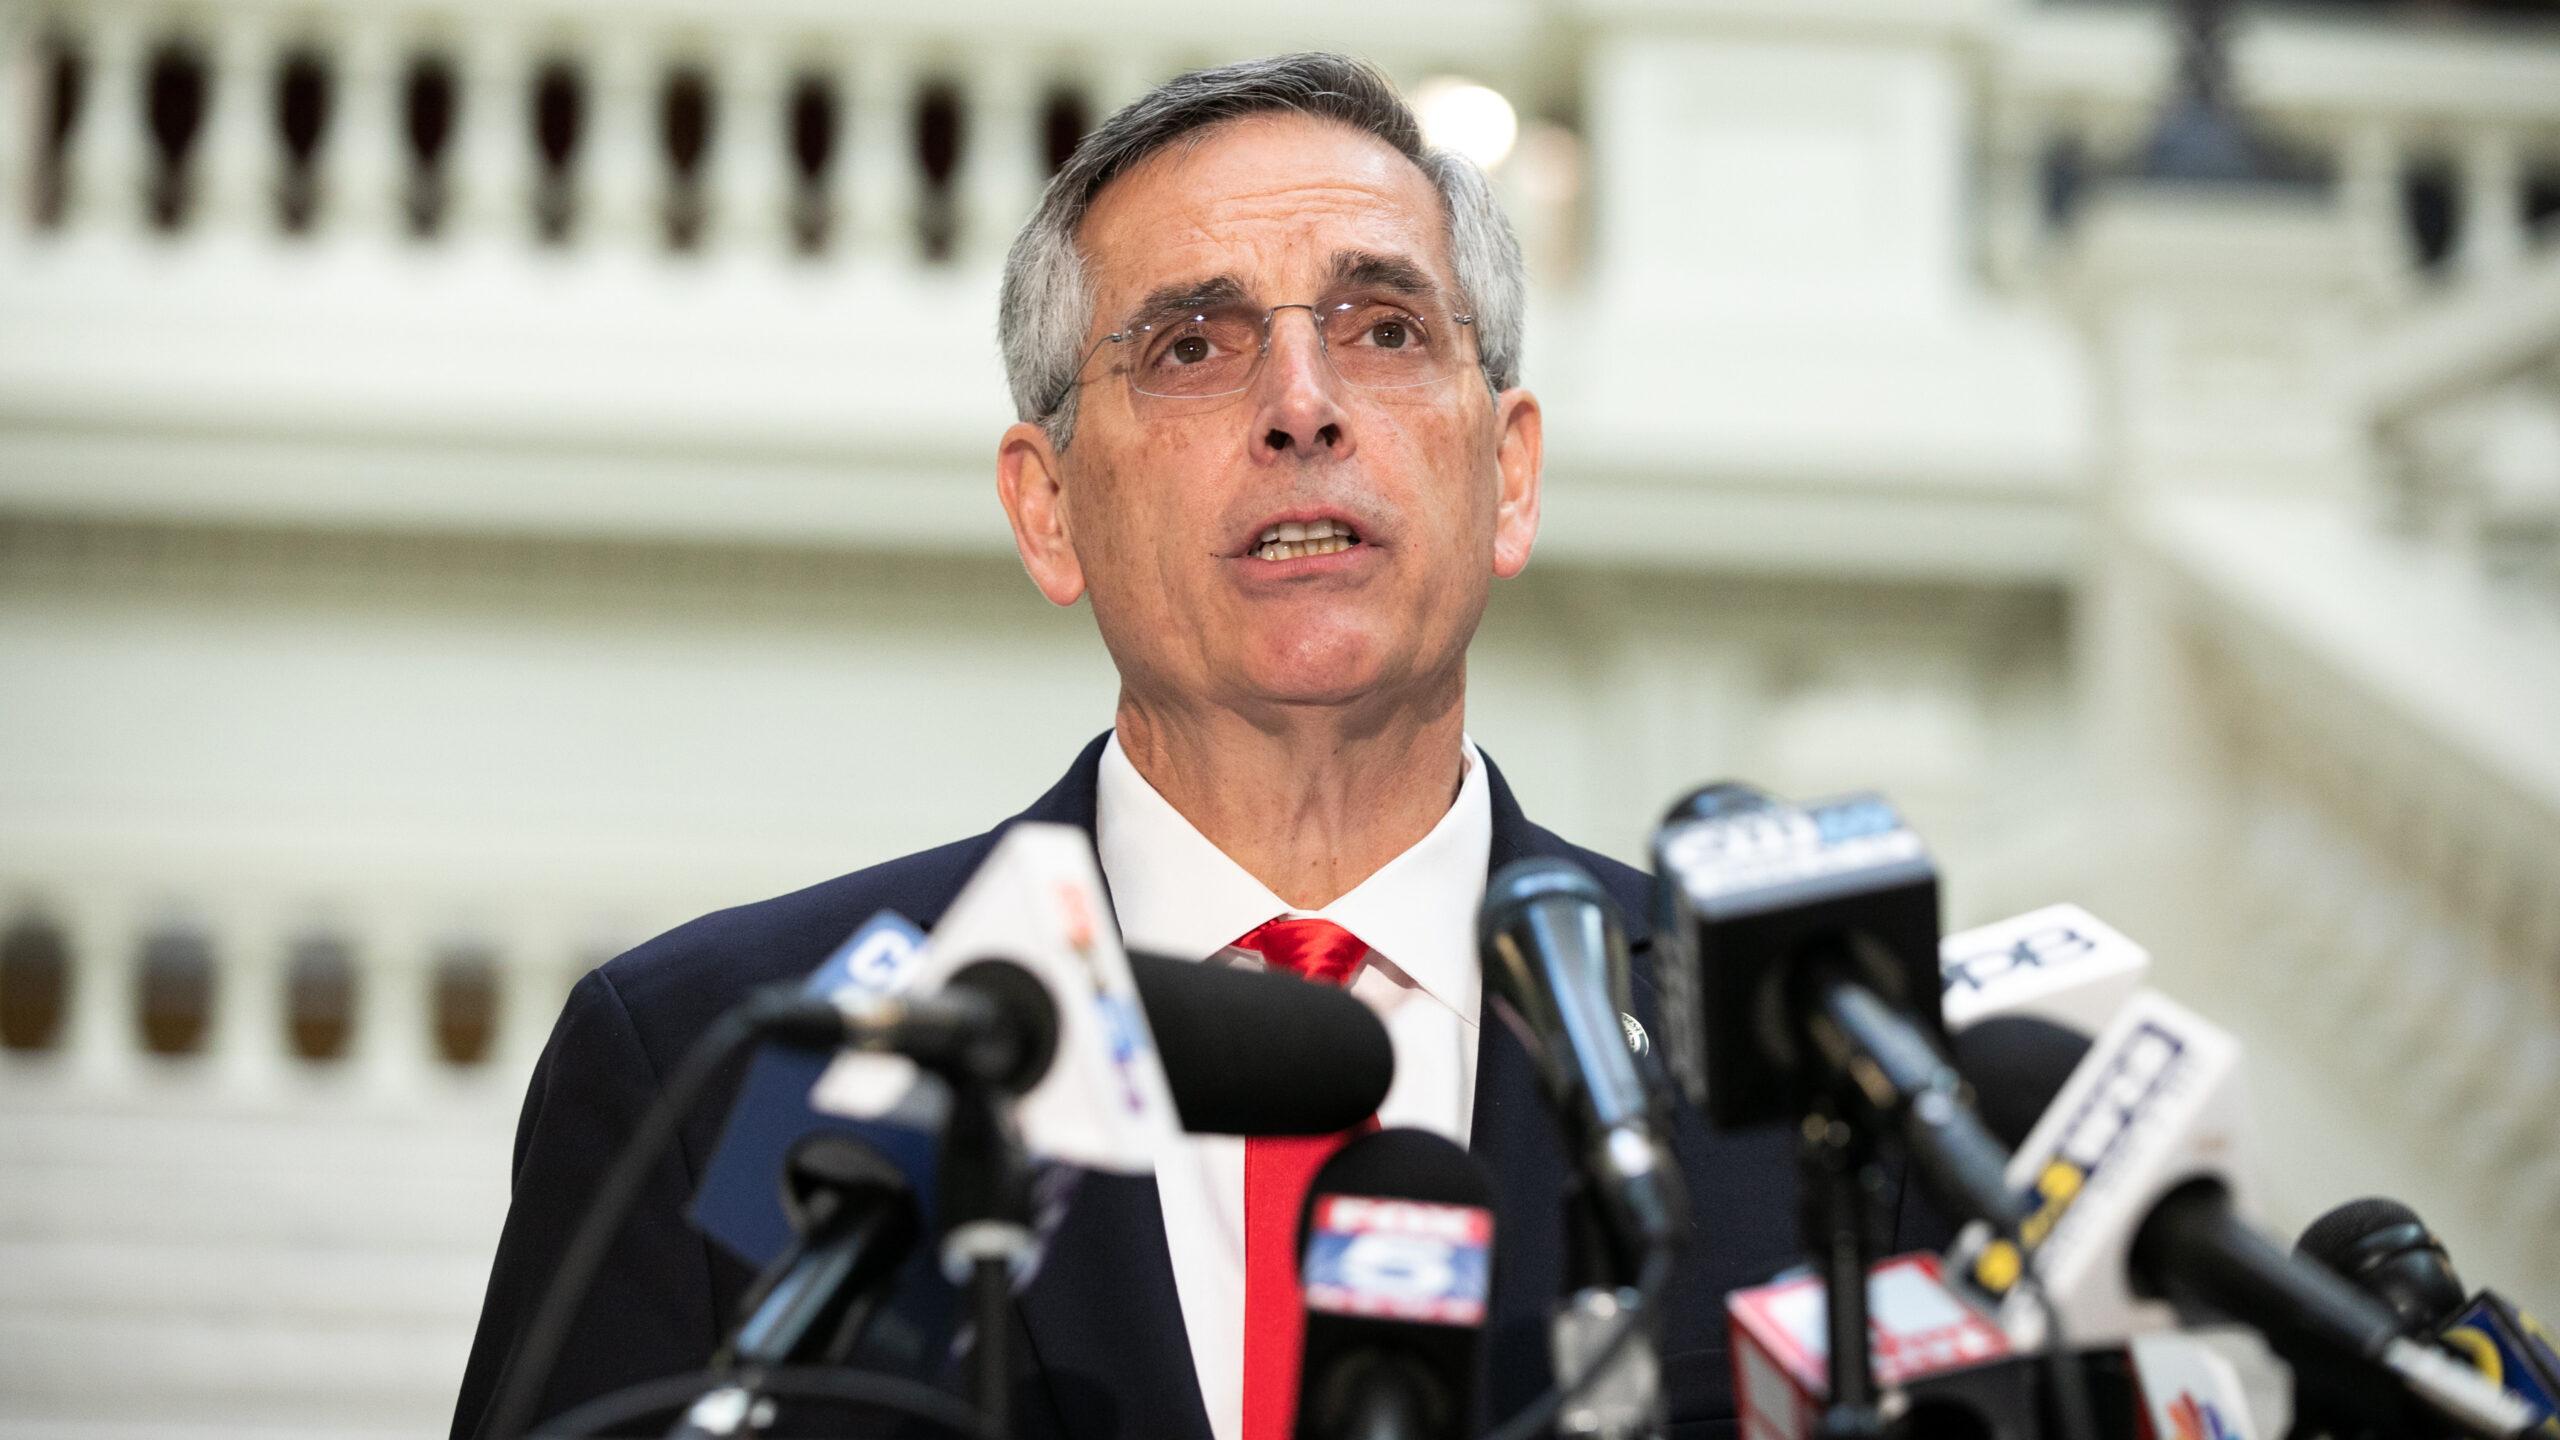 TTK Georgia Ben Raffensperger tổ chức họp báo về tình hình kiểm phiếu vào ngày 6 tháng 11 năm 2020 tại Atlanta, Georgia. Jessica McGowan / Getty